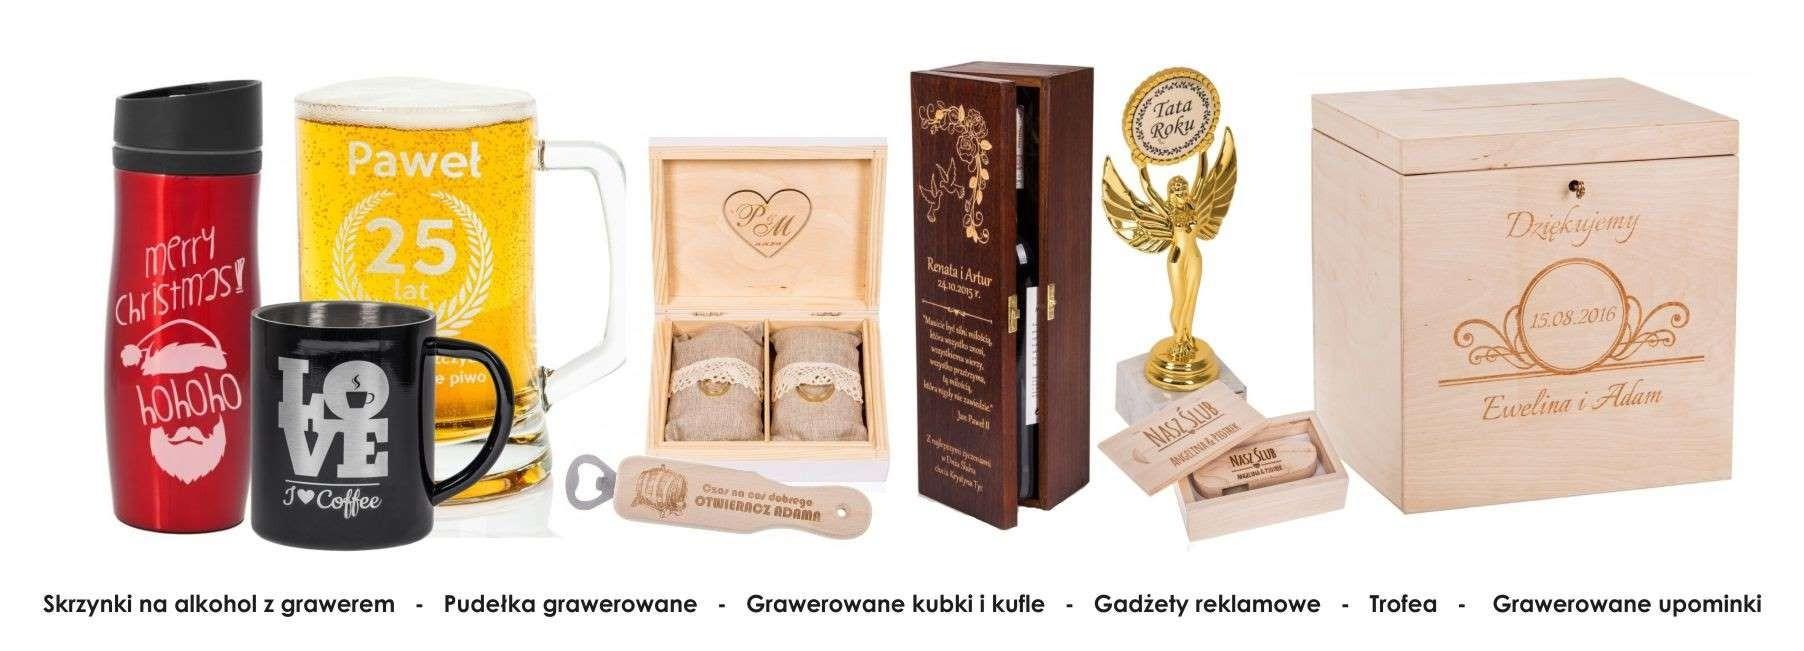 Grawernia24 ofertuje profesjonalne grawerowanie skrzynek na alkochol, pudełek, kubków i kufli, gadżetów reklamowych, umoinów i trofea